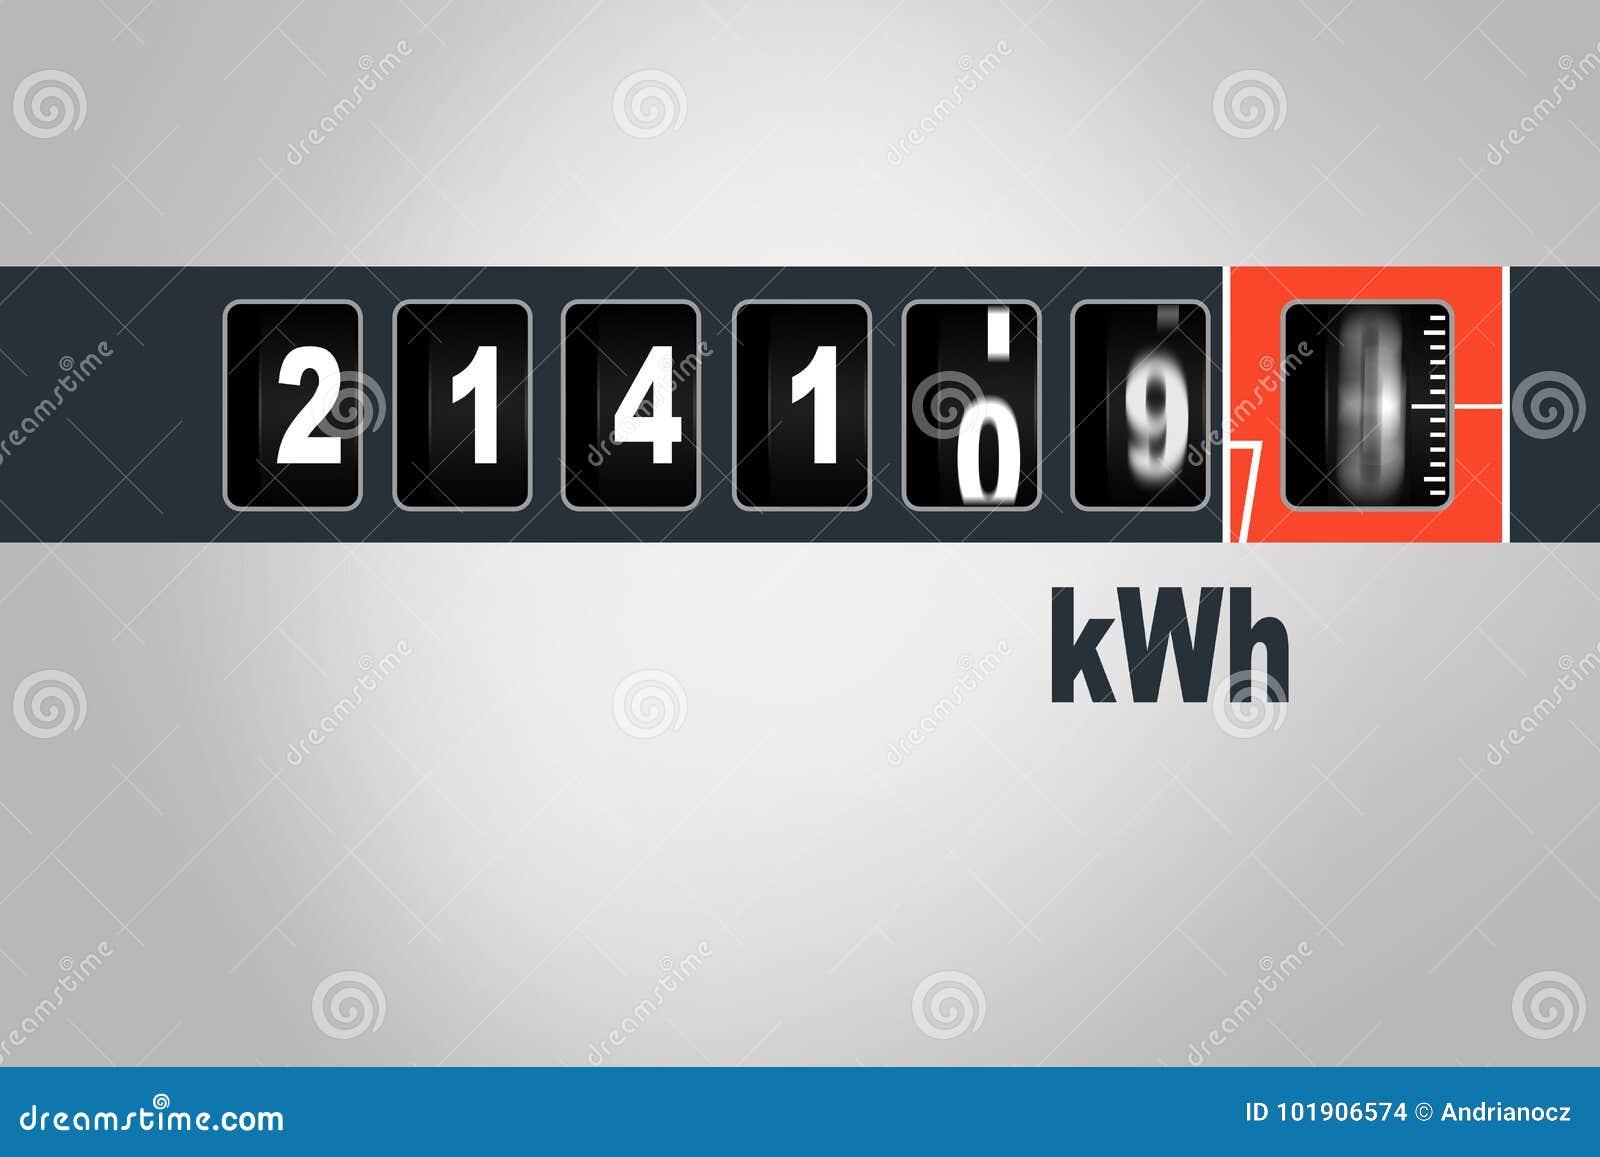 Snel lopende elektriciteitsmeter - het concept van de machtsconsumptie